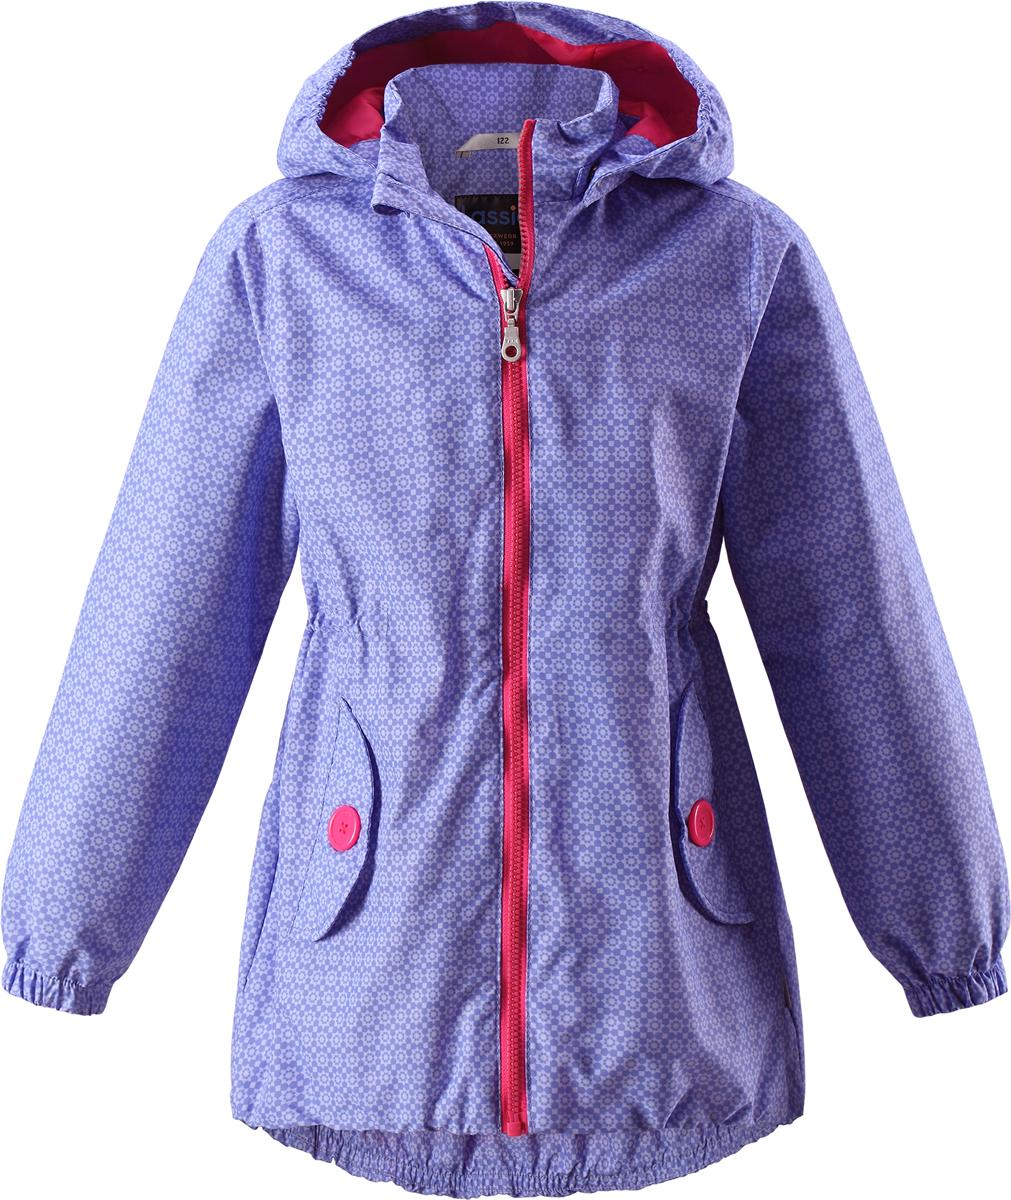 Куртка для девочки Lassie, цвет: сиреневый. 721706R569. Размер 104721706R569Легкая и удобная куртка для девочек на весенне-осенний период. Она изготовлена из водоотталкивающего и ветронепроницаемого материала, но при этом хорошо дышит. Куртка снабжена дышащей и приятной на ощупь подкладкой, которая облегчает надевание. Съемный капюшон обеспечивает защиту от холодного ветра, а также безопасен во время игр на свежем воздухе! Благодаря эластичной талии и эластичному подолу эта удлиненная модель для девочек отлично сидит по фигуре. Снабжена множеством продуманных деталей, например двумя карманами с клапанами, эластичными манжетами и молнией во всю длину с защитой для подбородка.